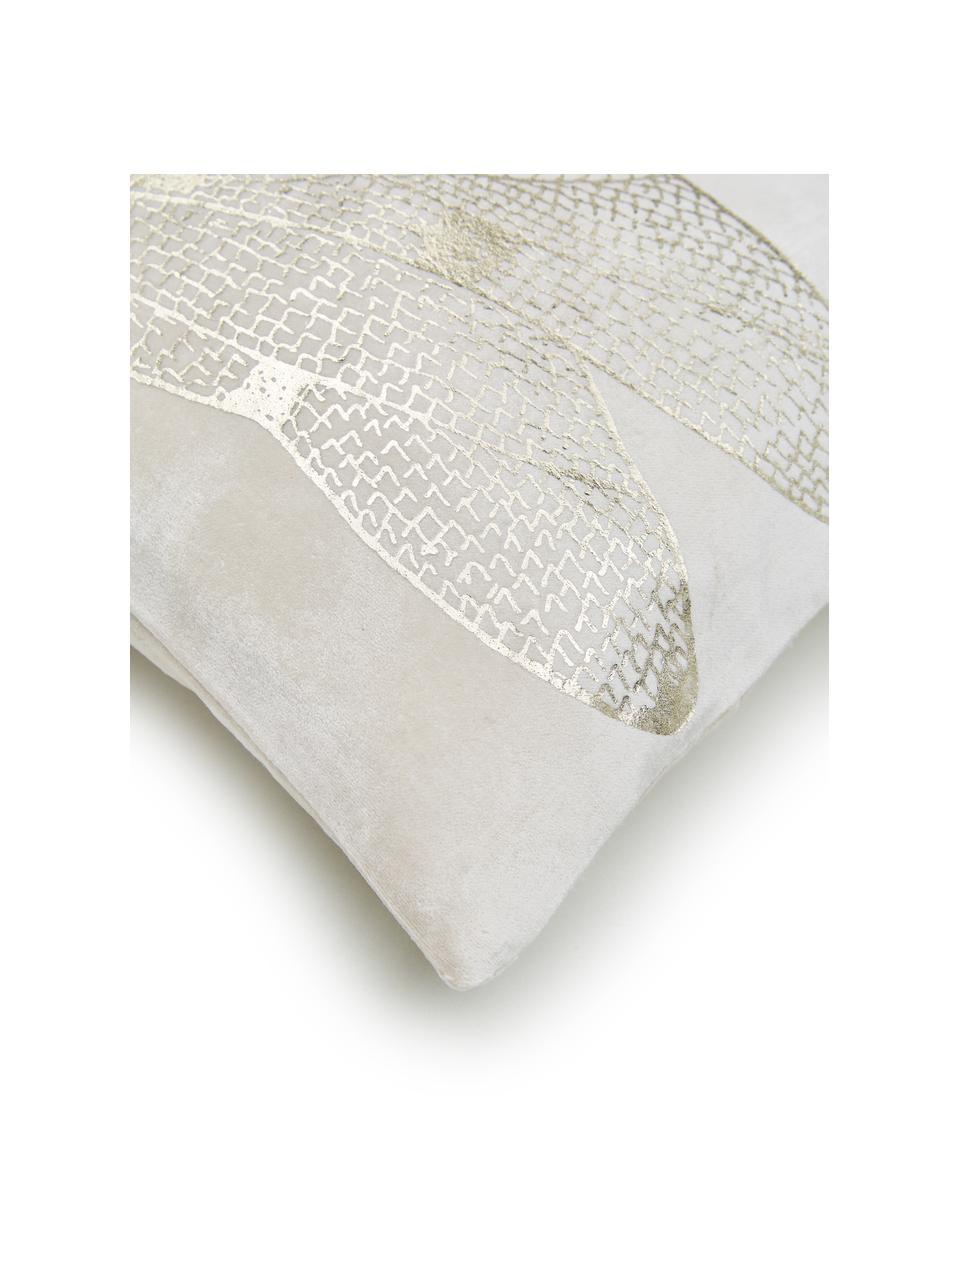 Kissen Dragonfly, mit Inlett, Bezug: 50% Viskose, 50% Baumwoll, Weiß, Goldfarben, 30 x 50 cm